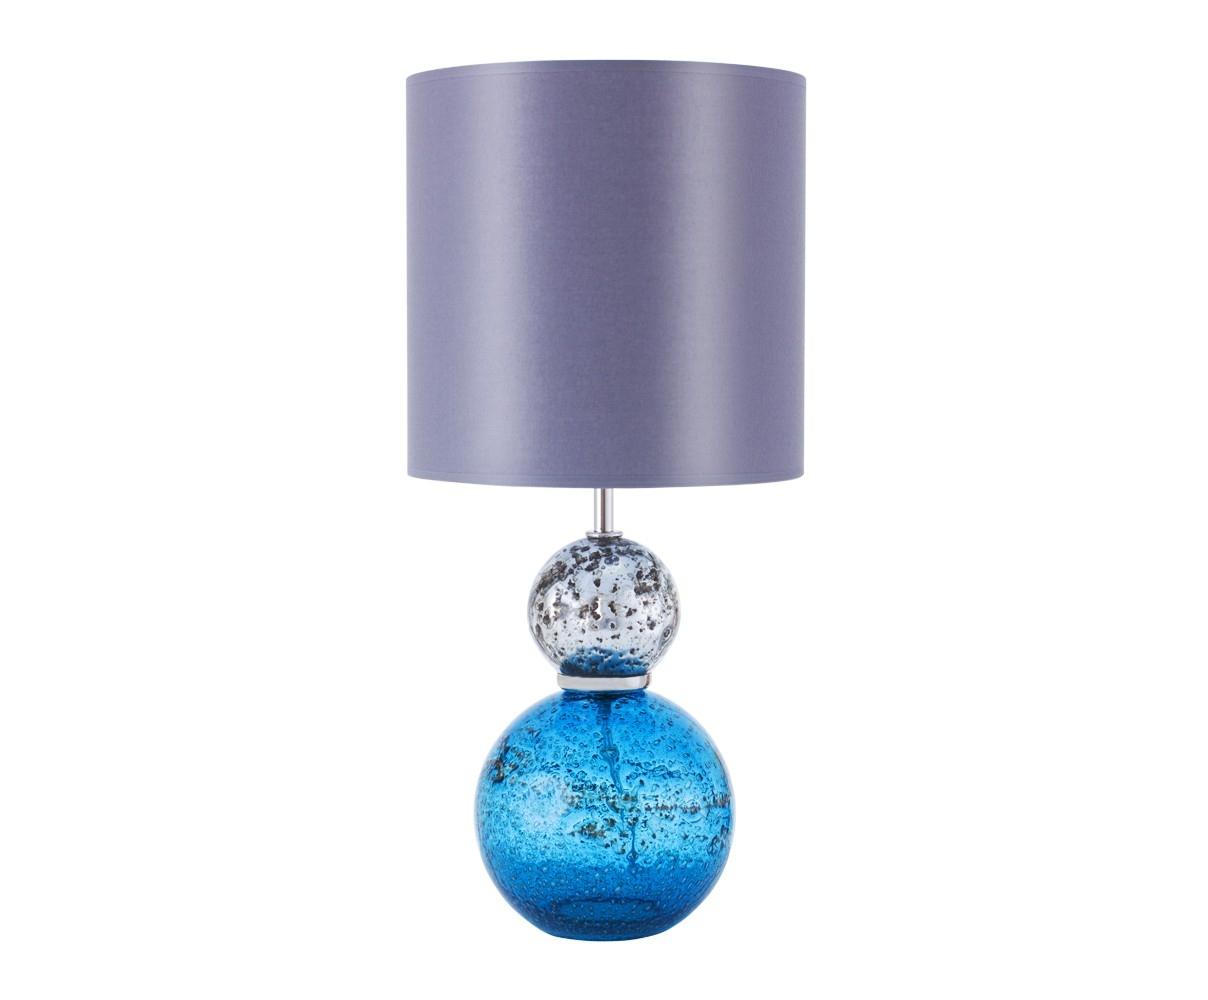 Купить Настольная лампа синего цвета, inmyroom, Португалия